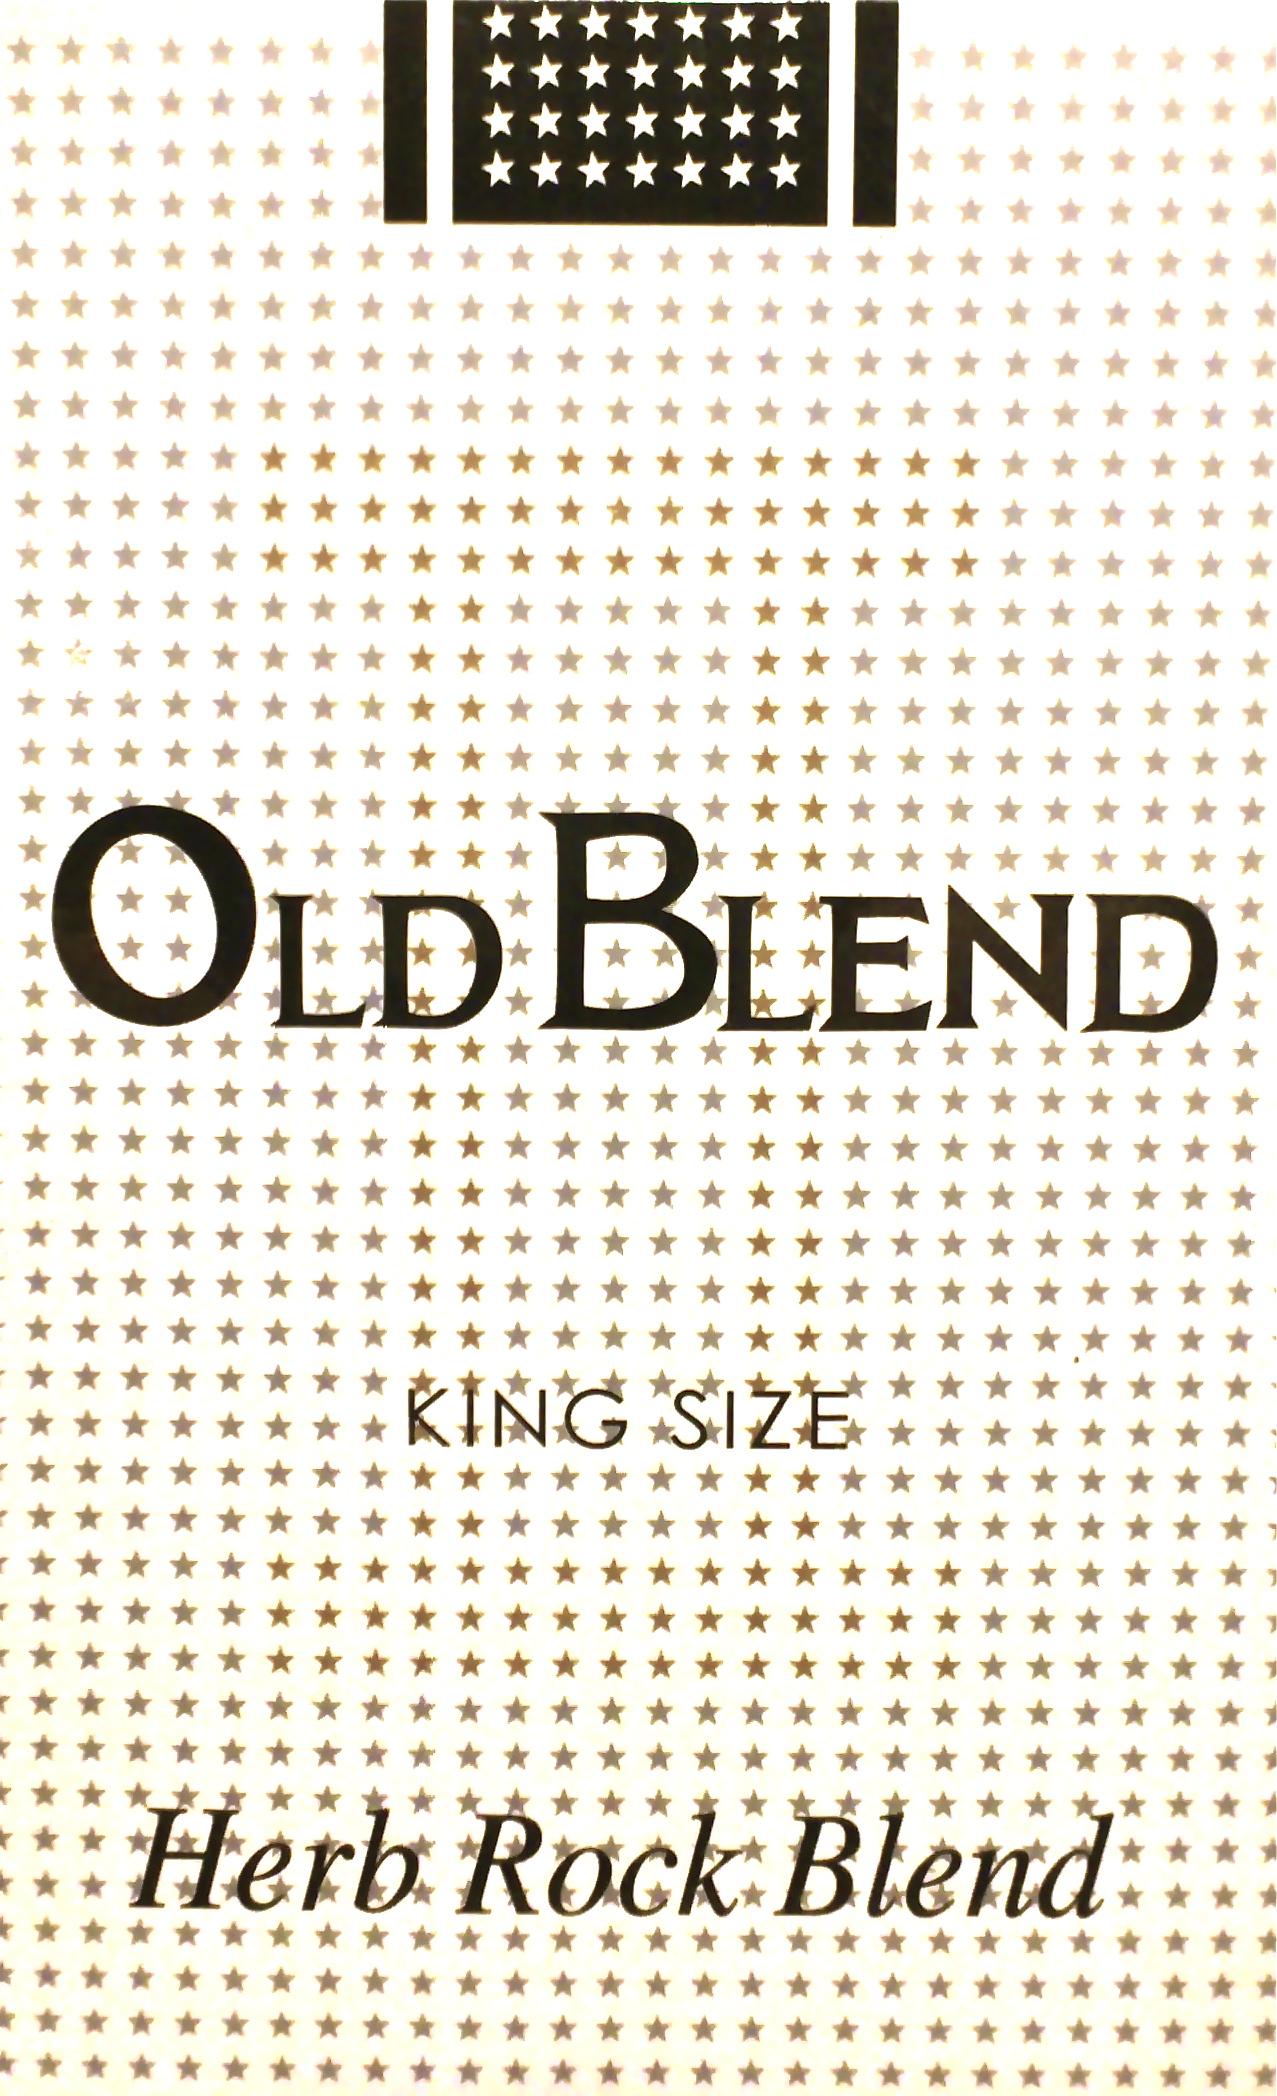 YouTheRock-OldBlend